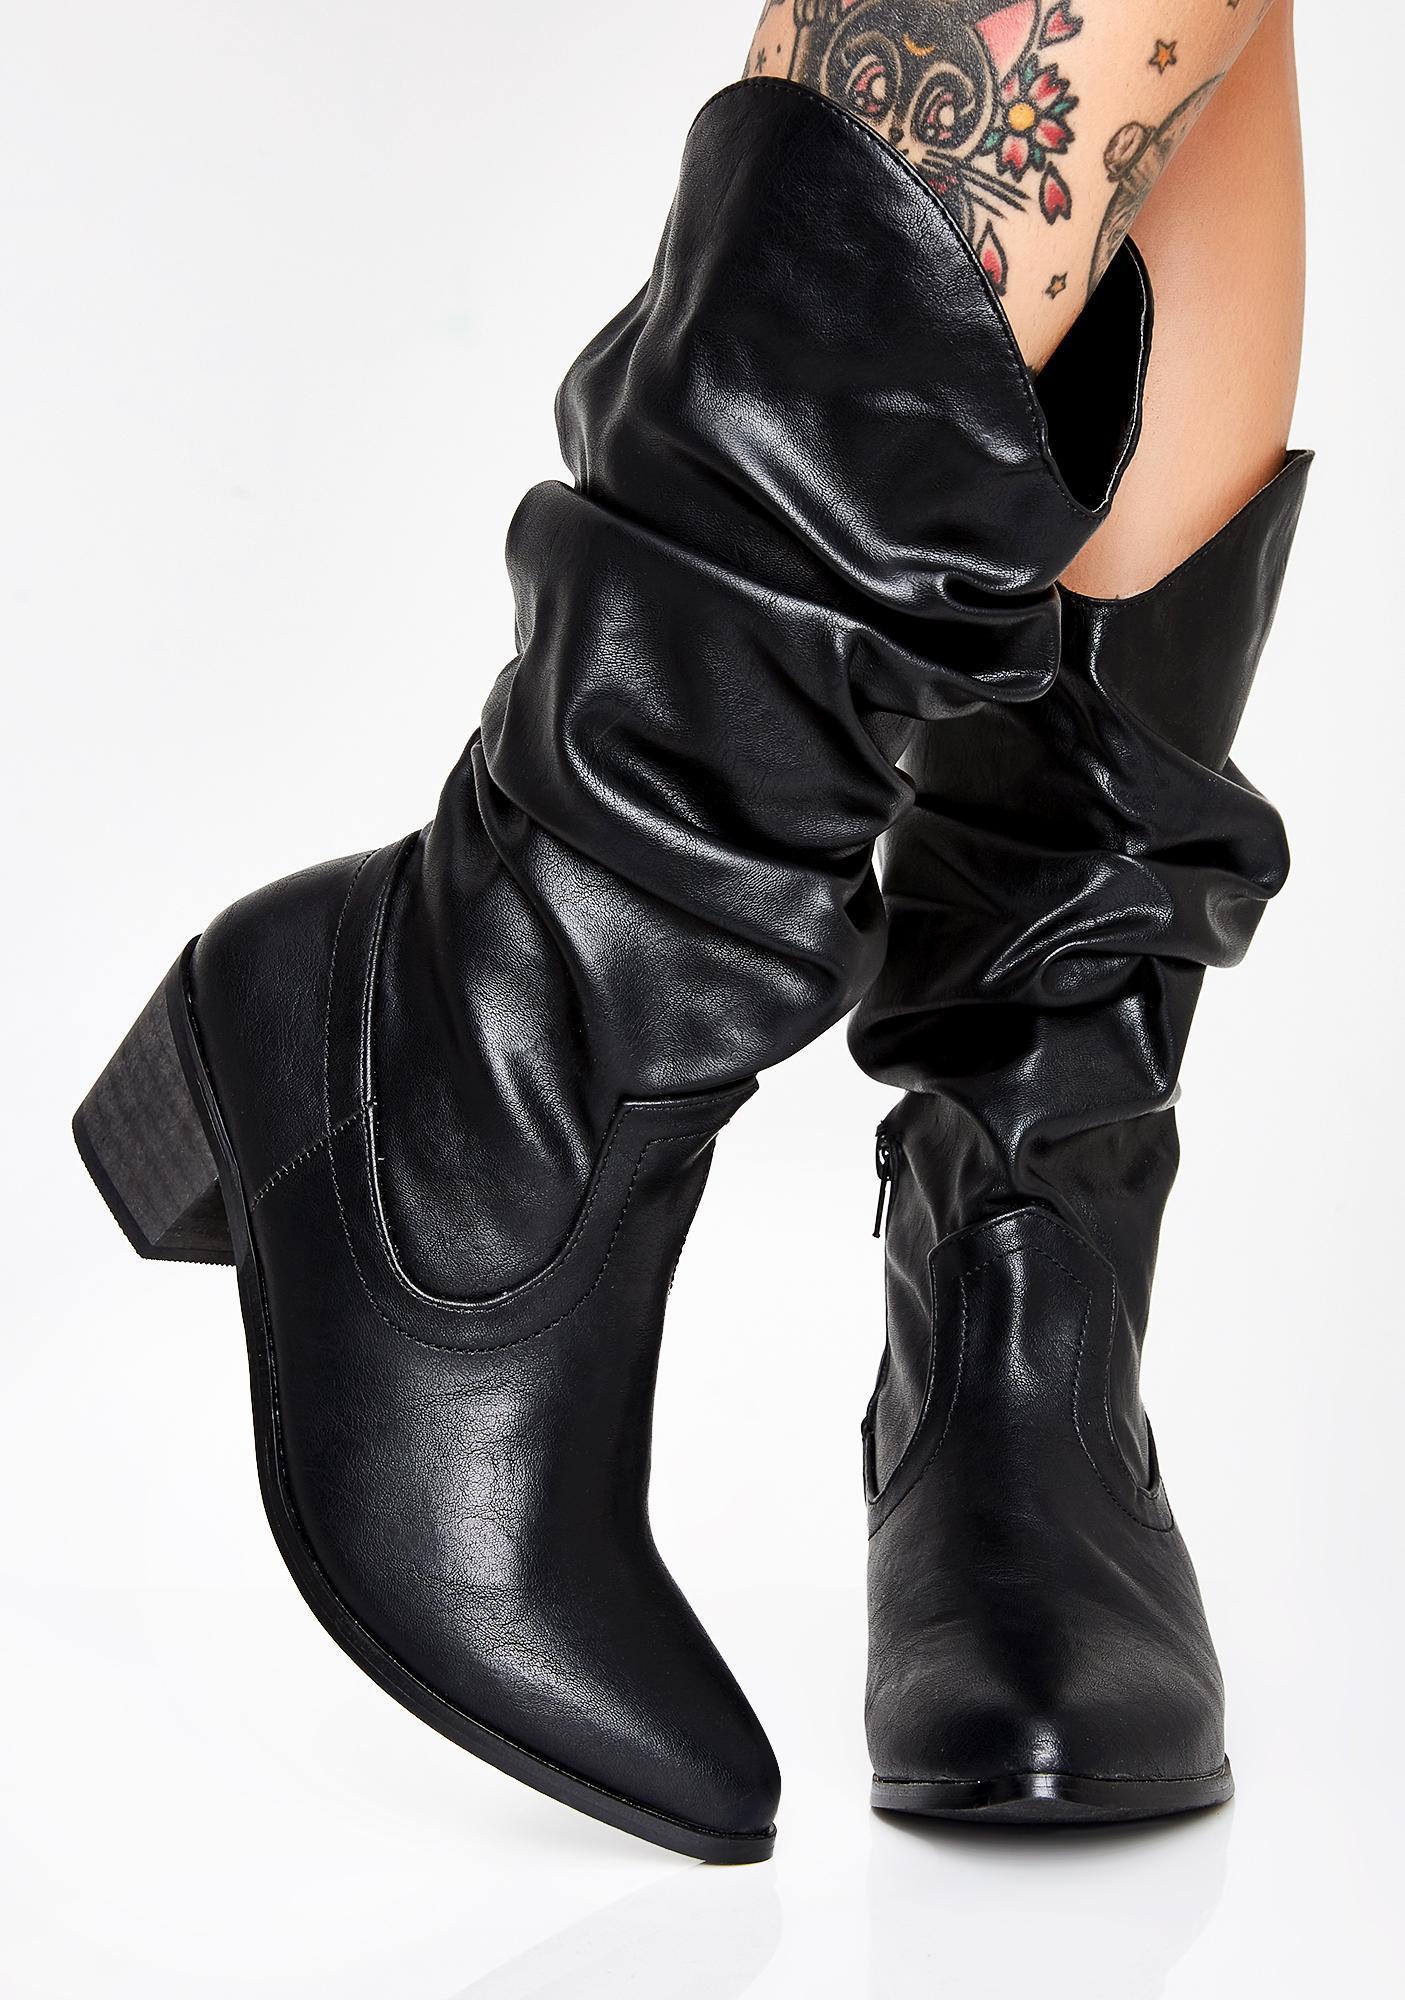 308d744a26e Onyx Nite Rider Cowboy Boots